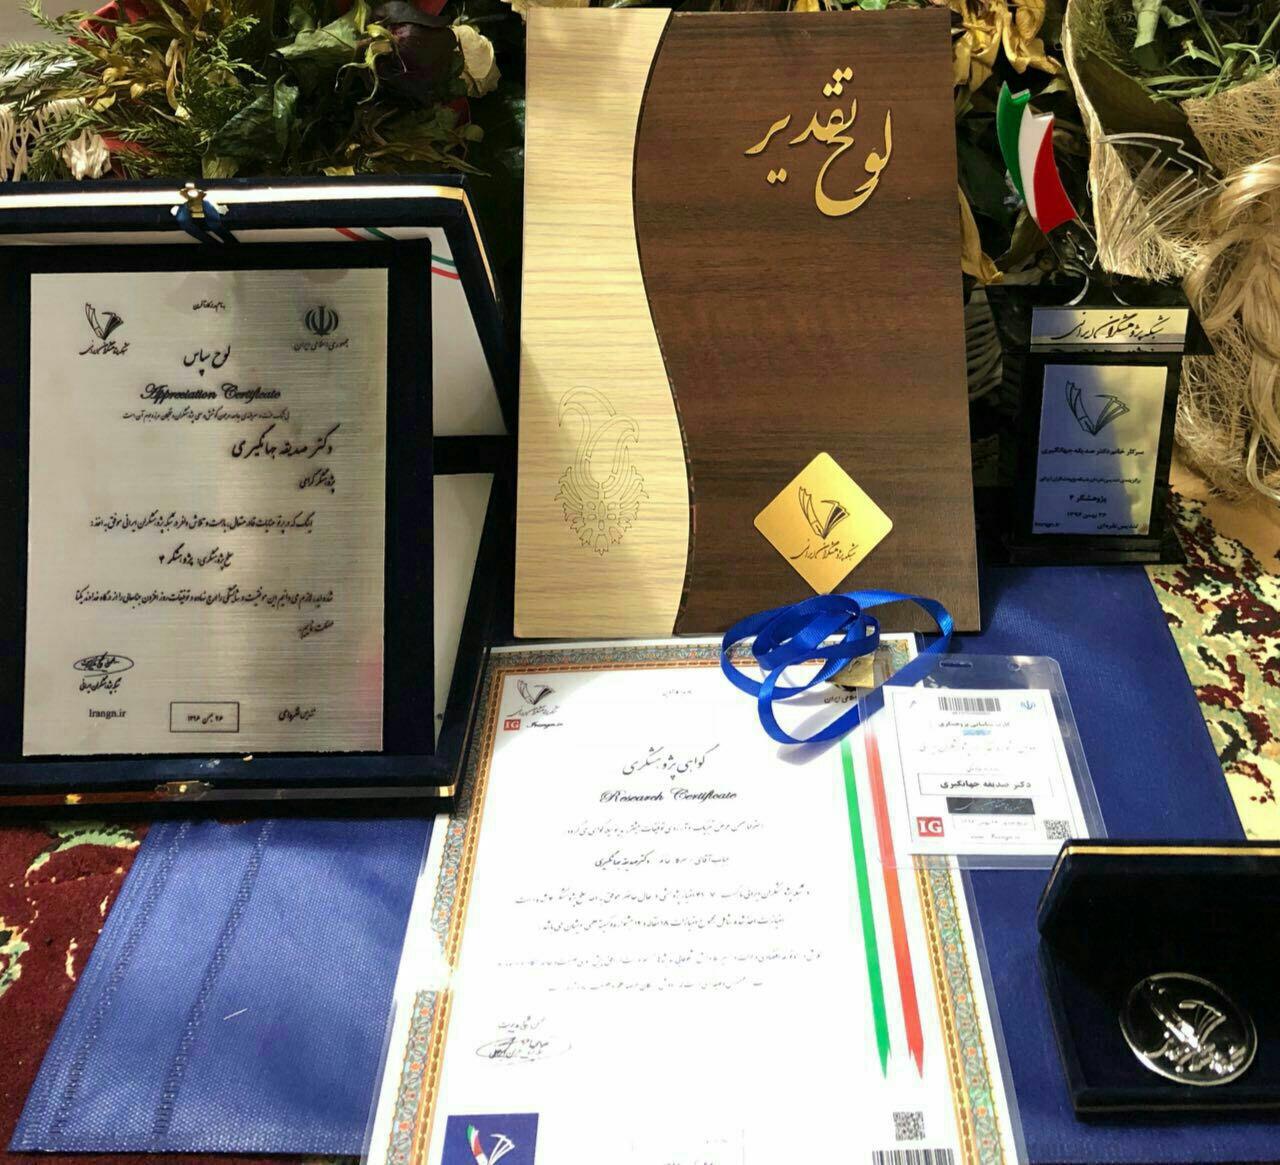 ثبت مقاله دکتر صدیقه جهانگیری بابادی در ژورنال معتبر ایاسای آمریکا